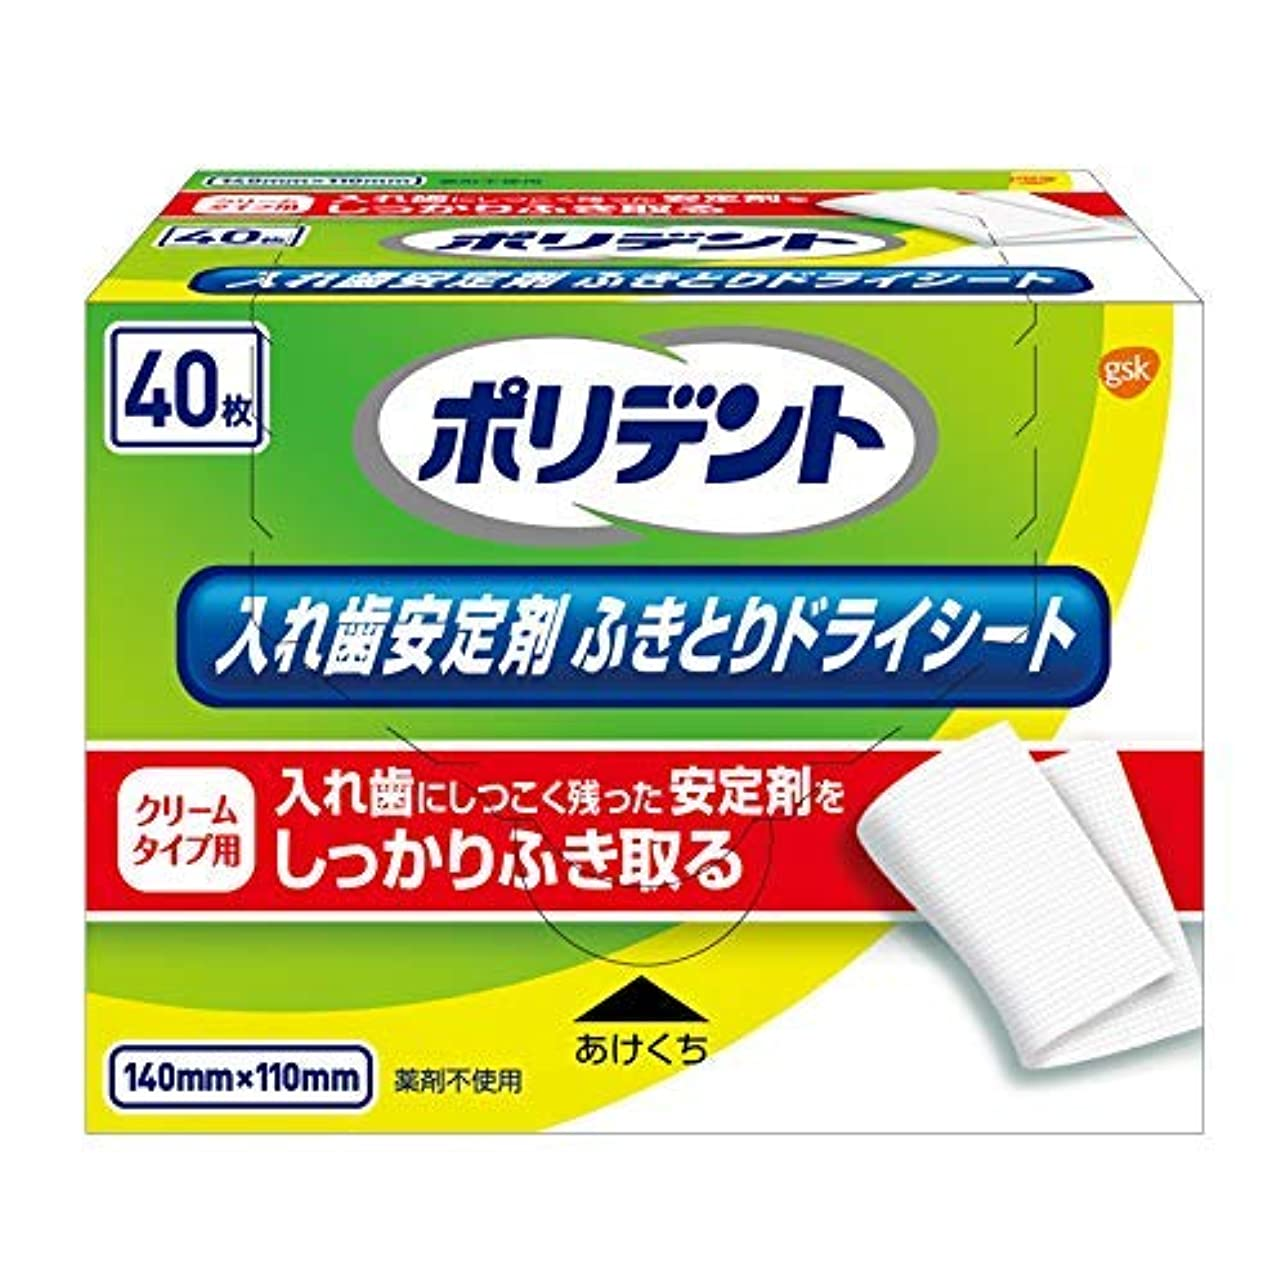 アノイ完了塊ポリデント入れ歯安定剤ふきとりドライシート × 4個セット